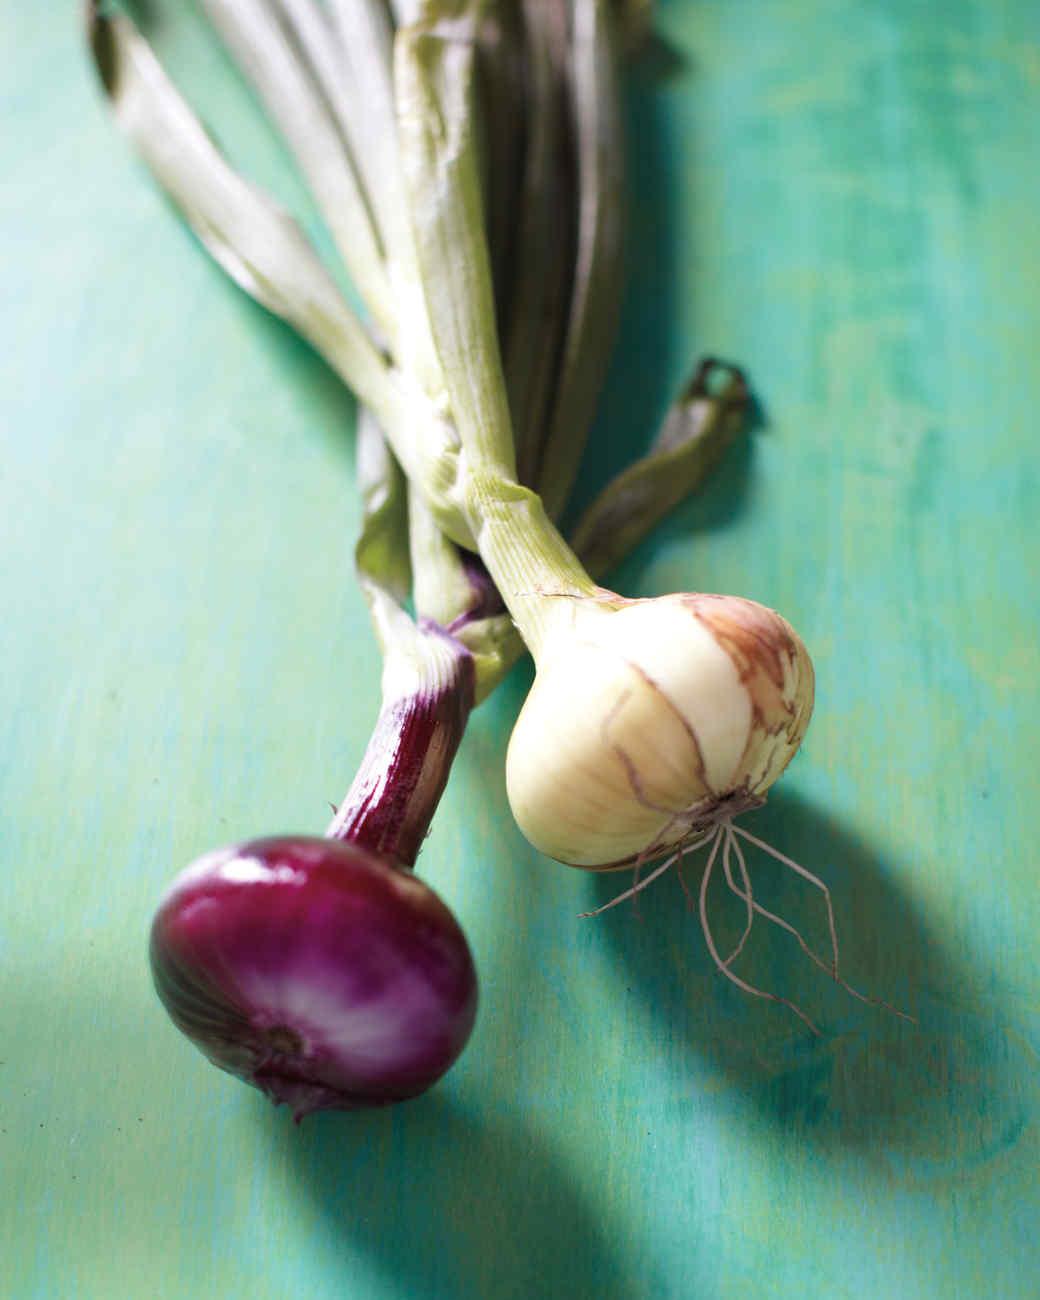 cipollini-onions-mld107882.jpg